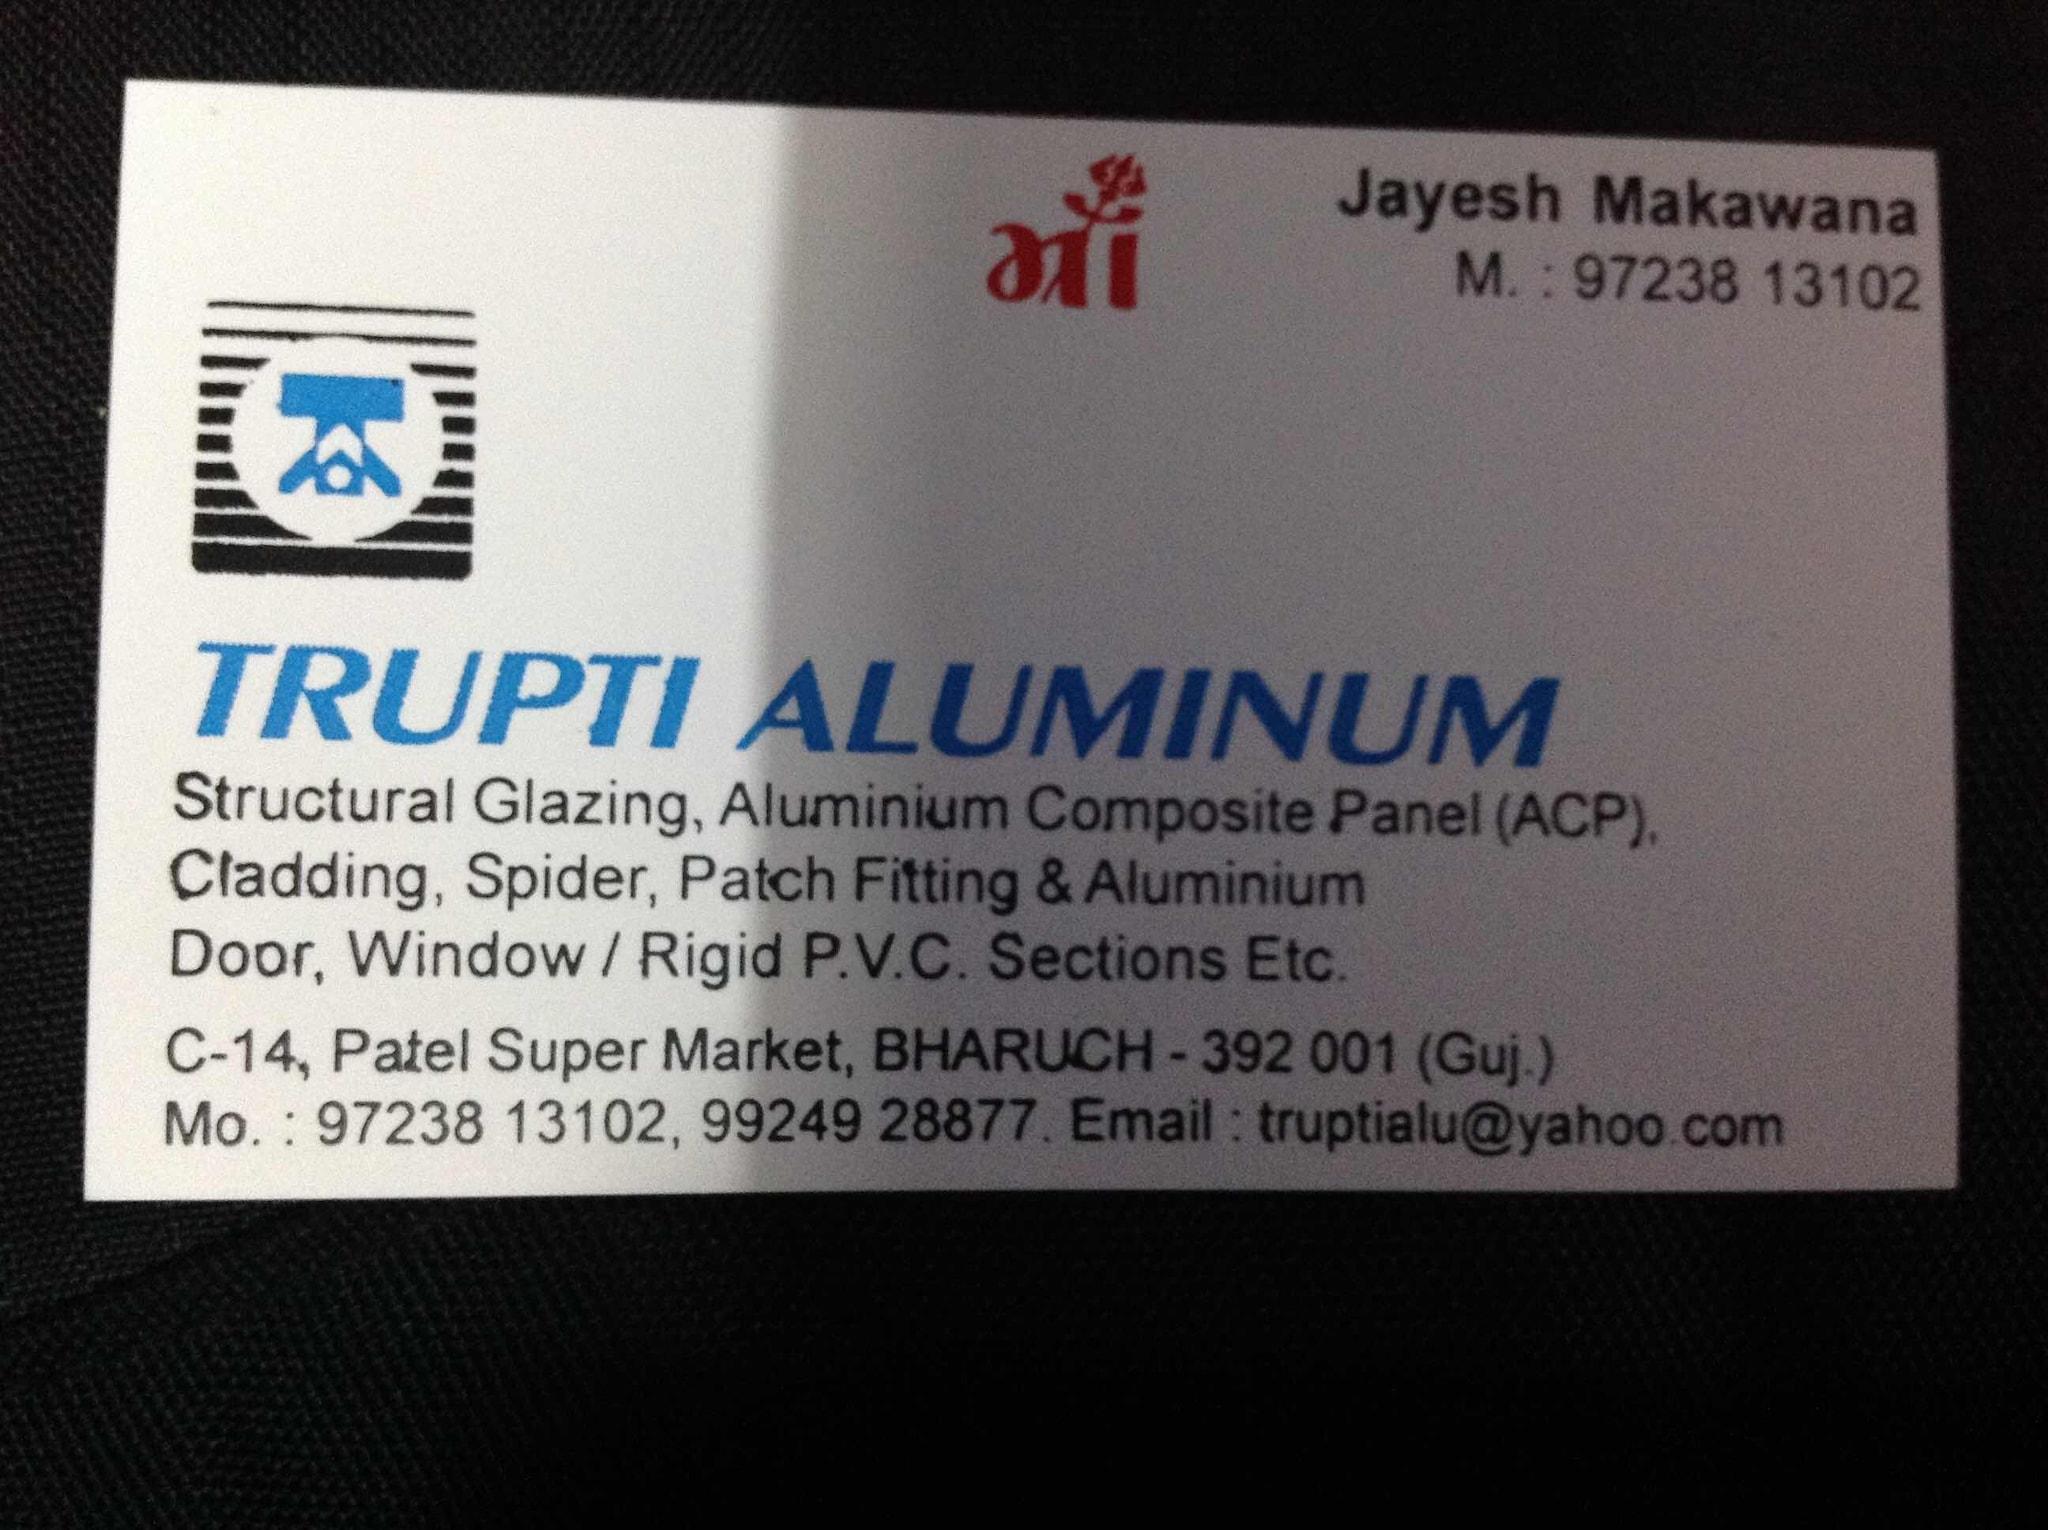 Top Acp Aluminium Composite Panel Dealers in Bharuch - Best Acp